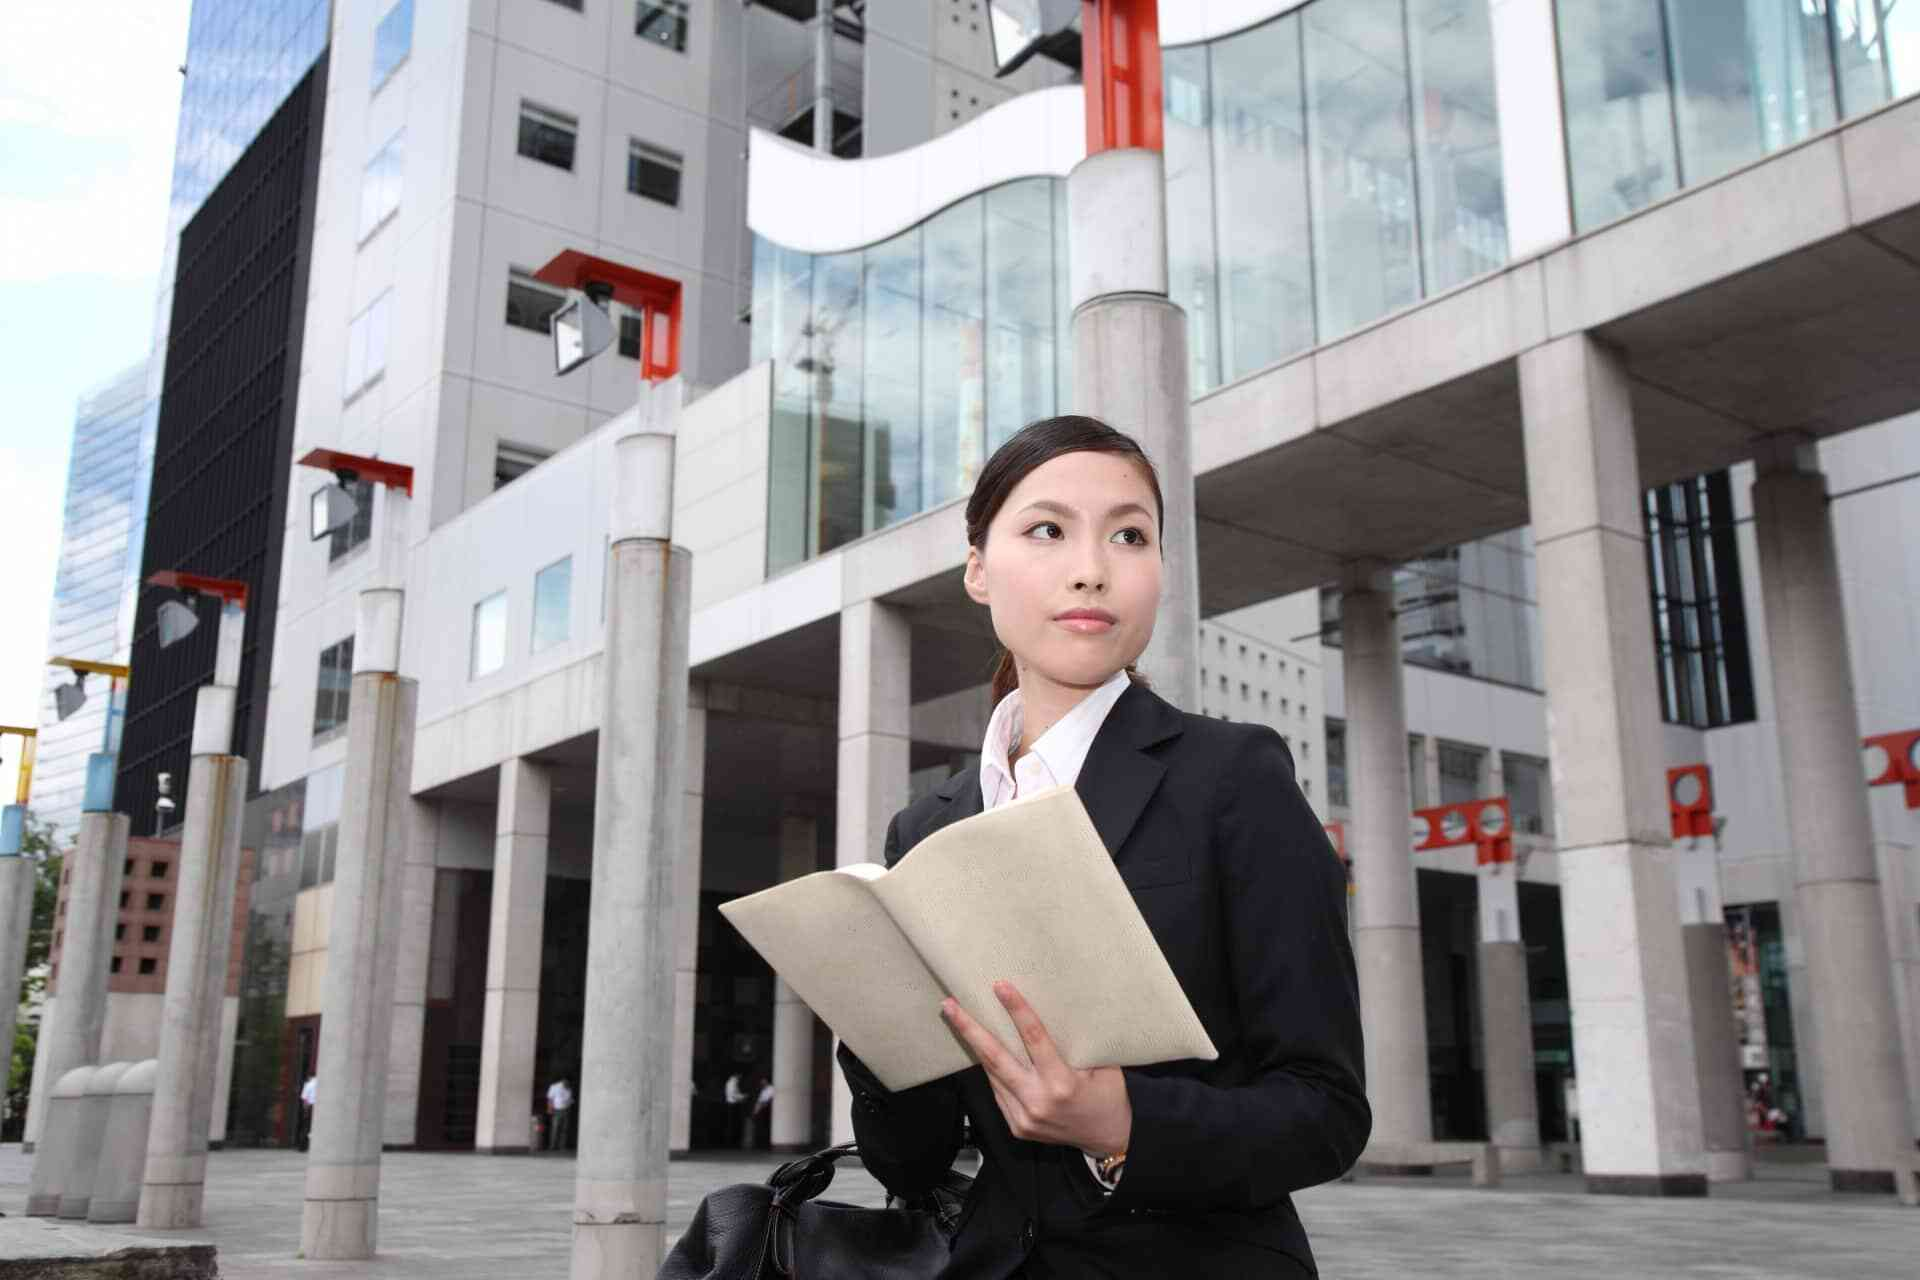 就活の面接マナーが必須の理由と一般的な流れを解説